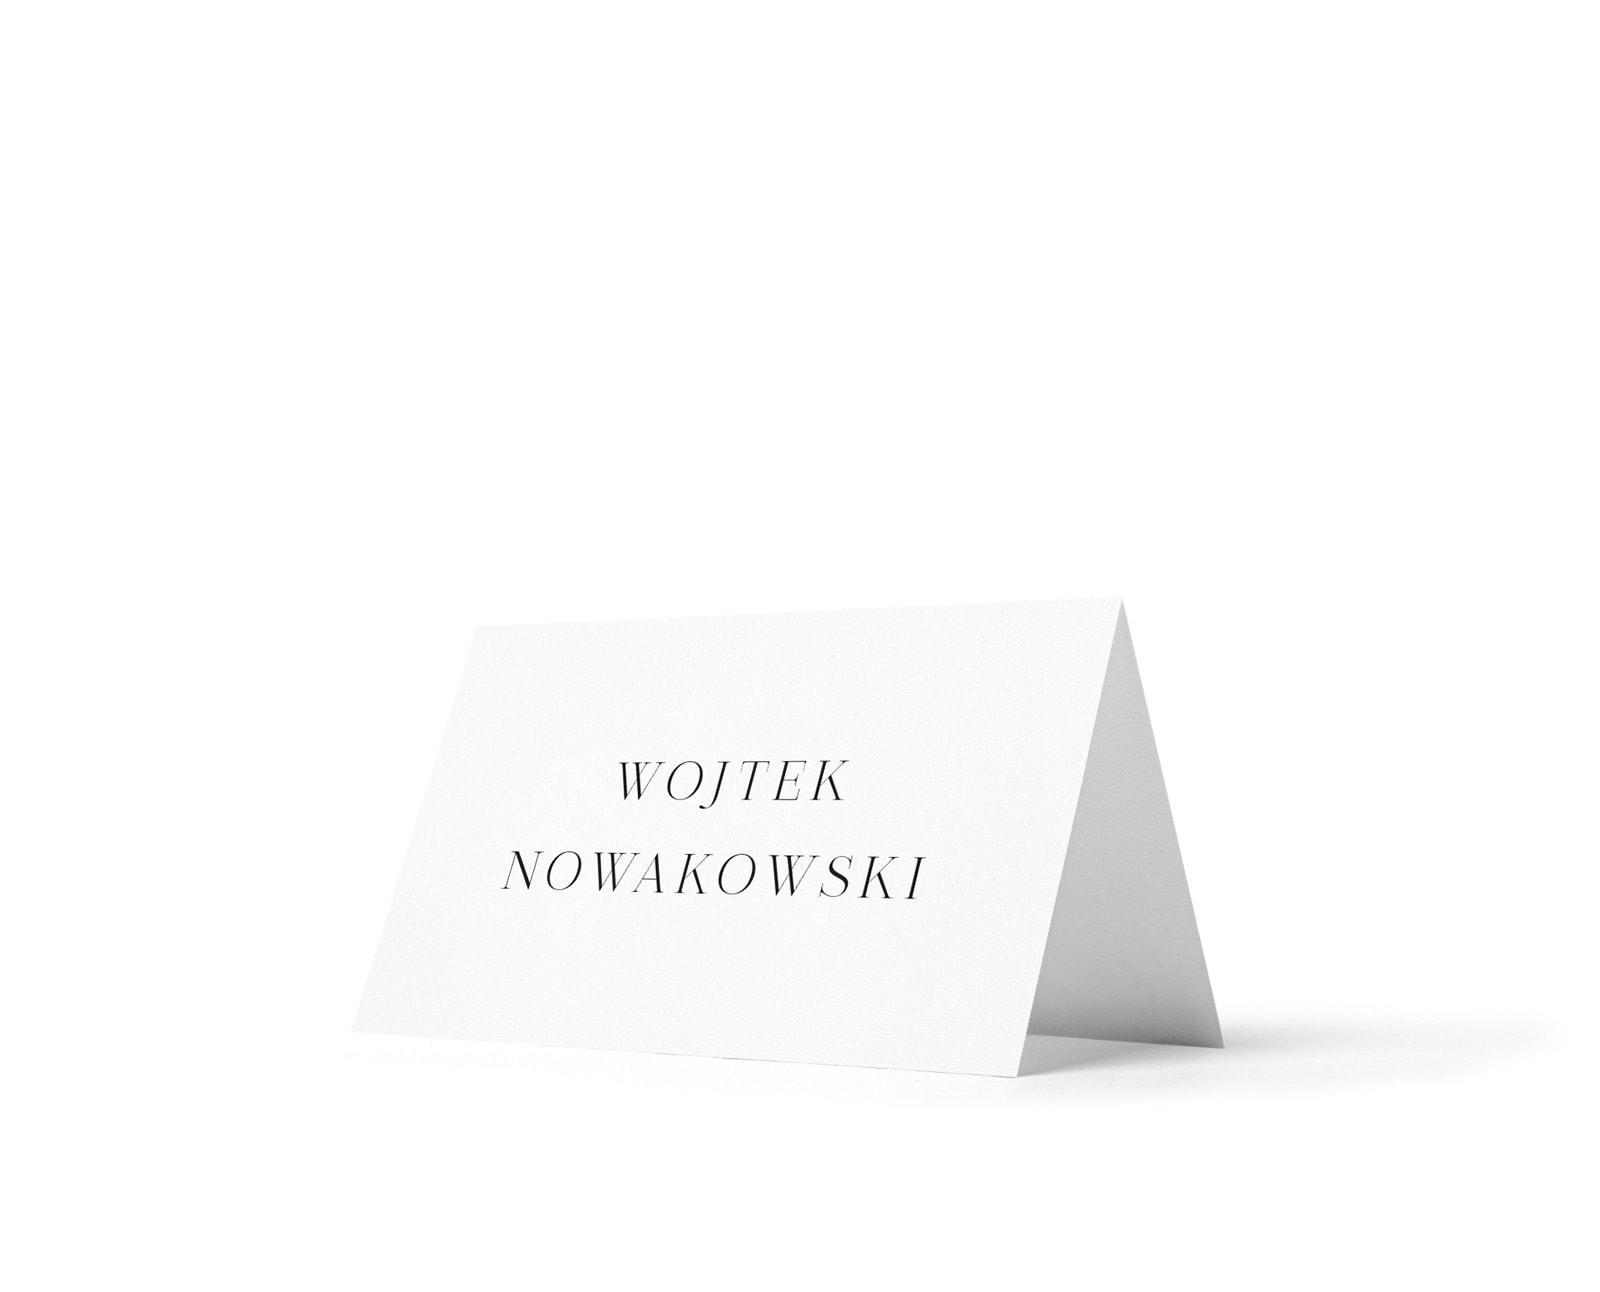 Winietki na stoły w minimalistycznym stylu